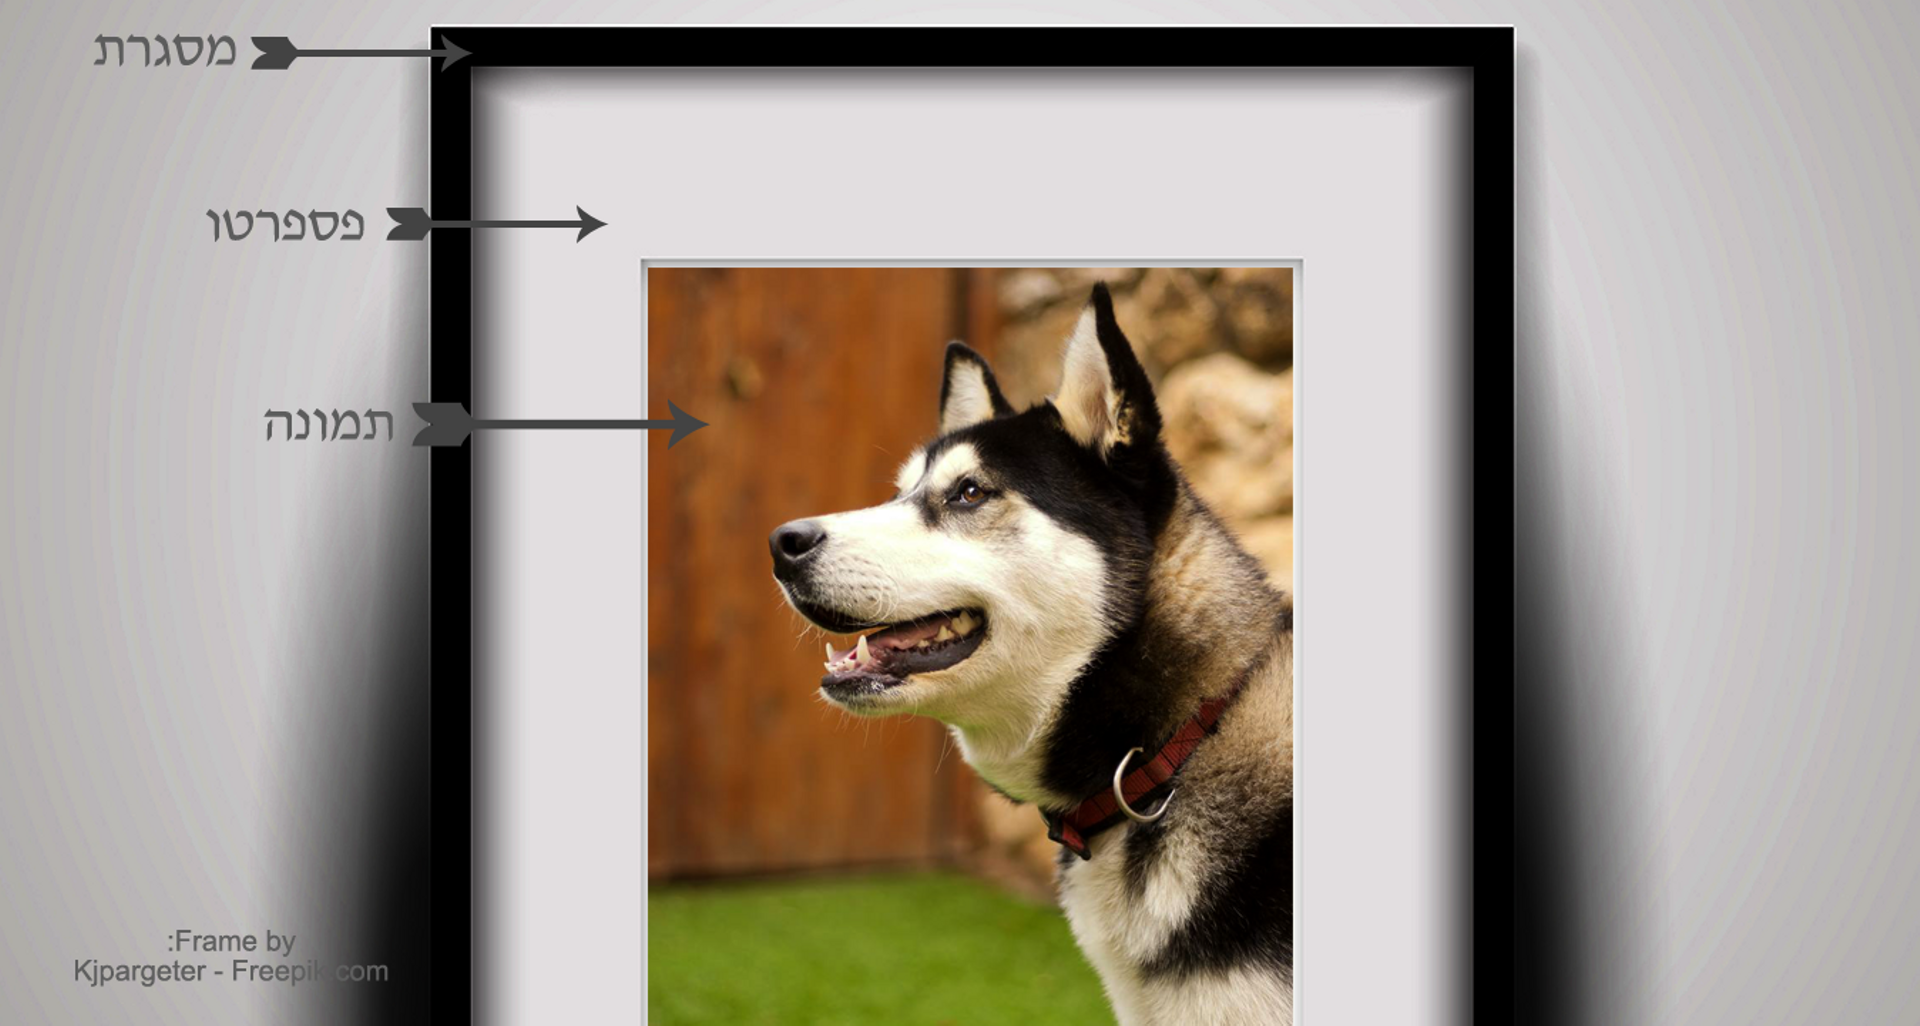 =מסגרת תמונה איכותית דגם FR91092, כולל הדפסת תמונה.